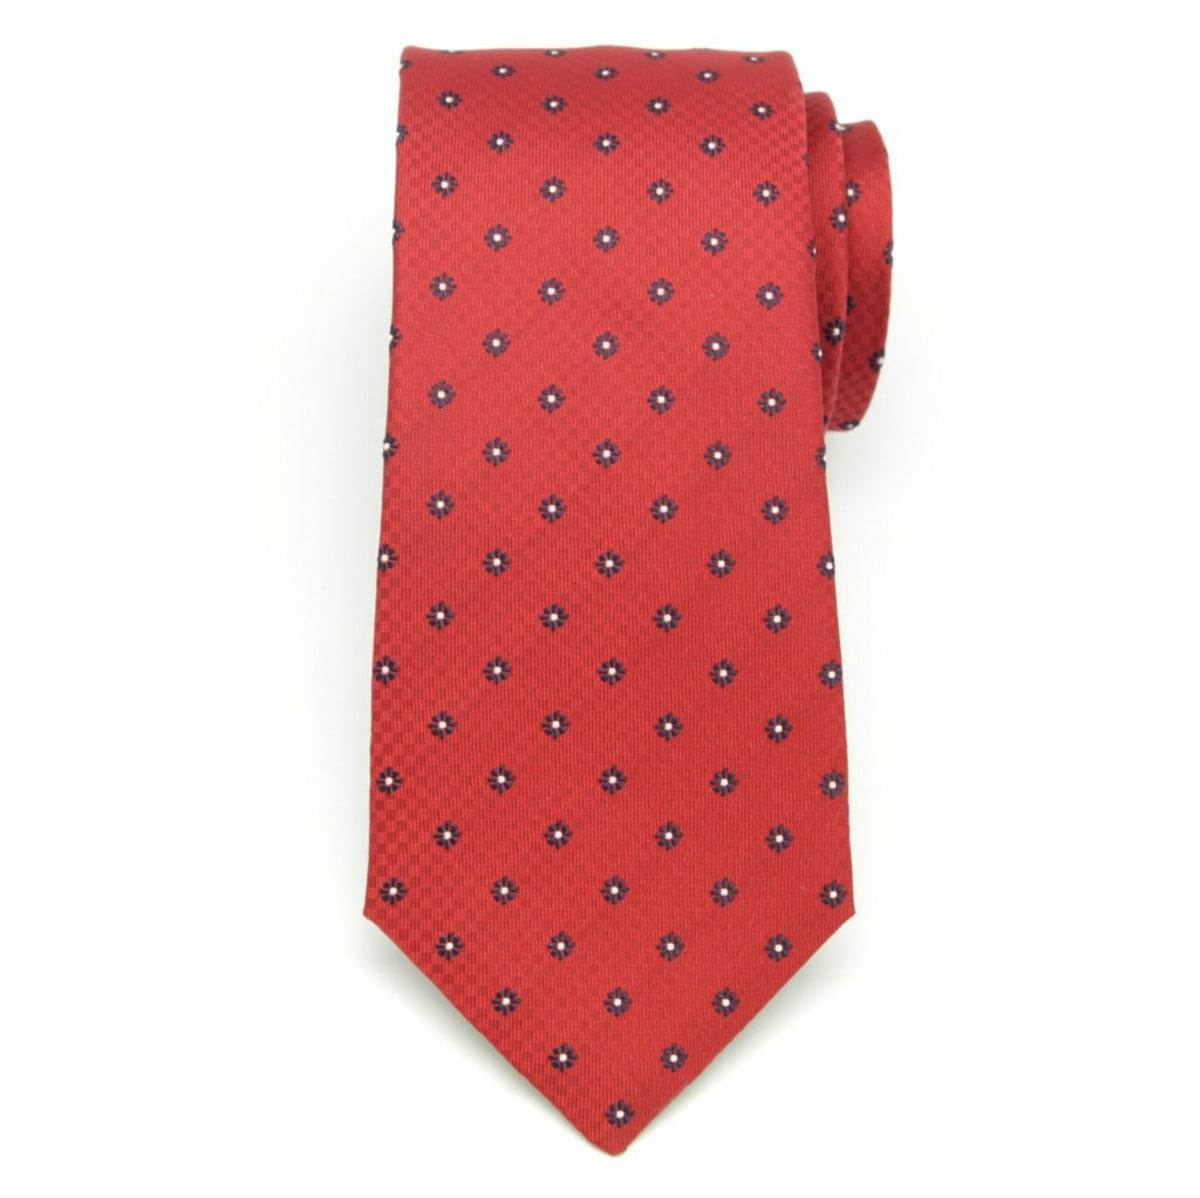 Pánská hedvábná kravata (vzor 333) 6537 v červené barvě